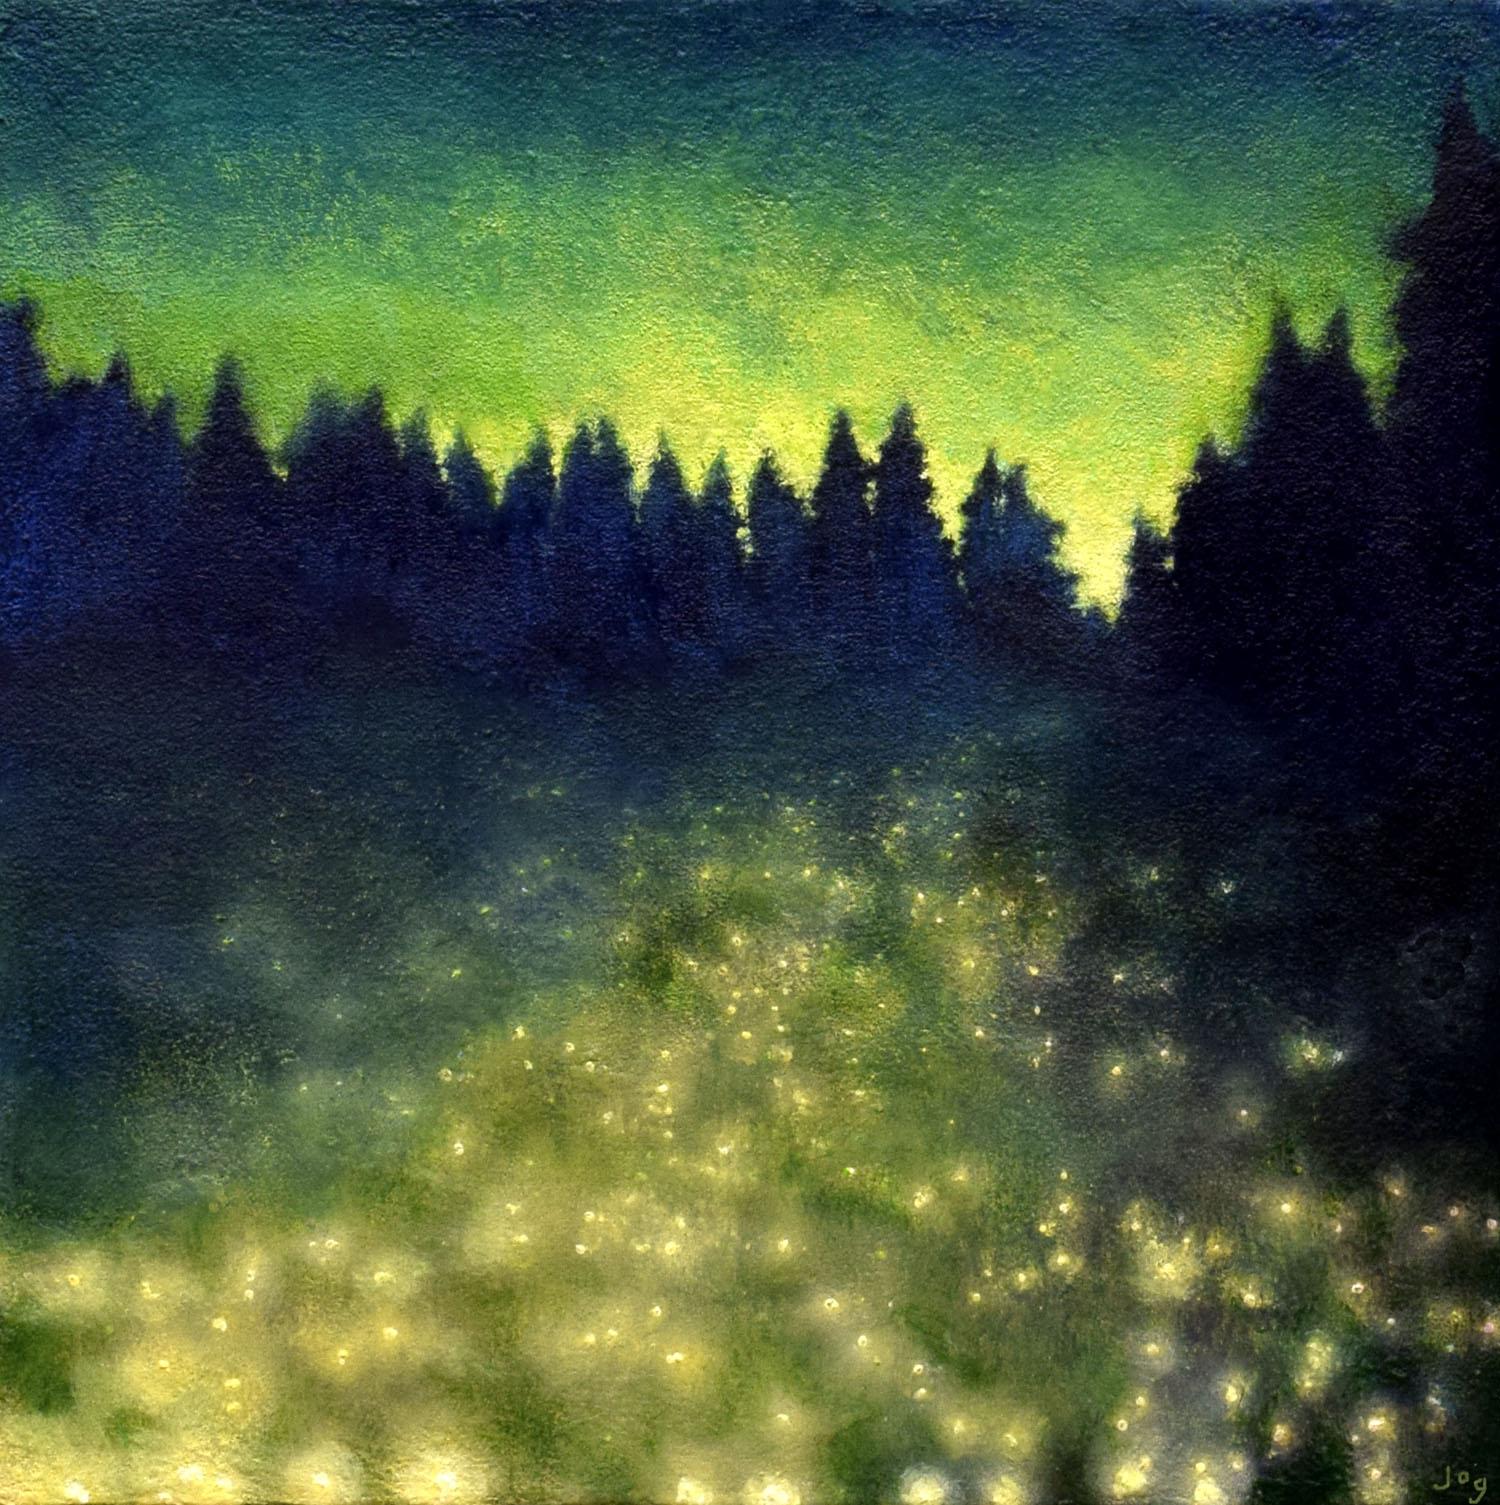 The Field of Fallen Stars